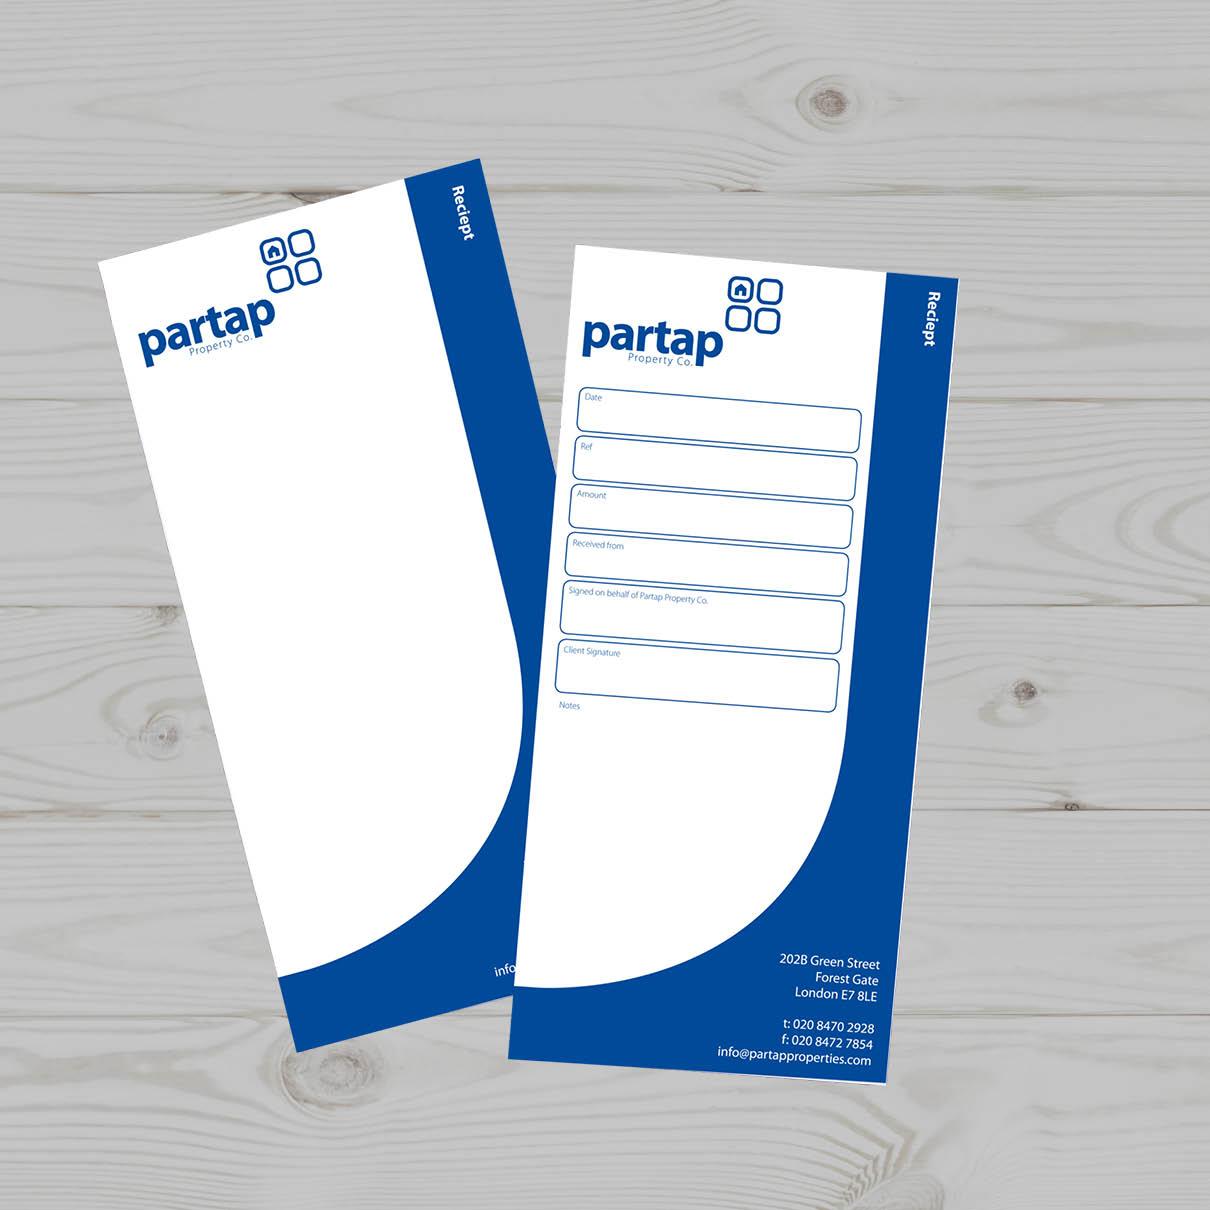 Partap-FLAT